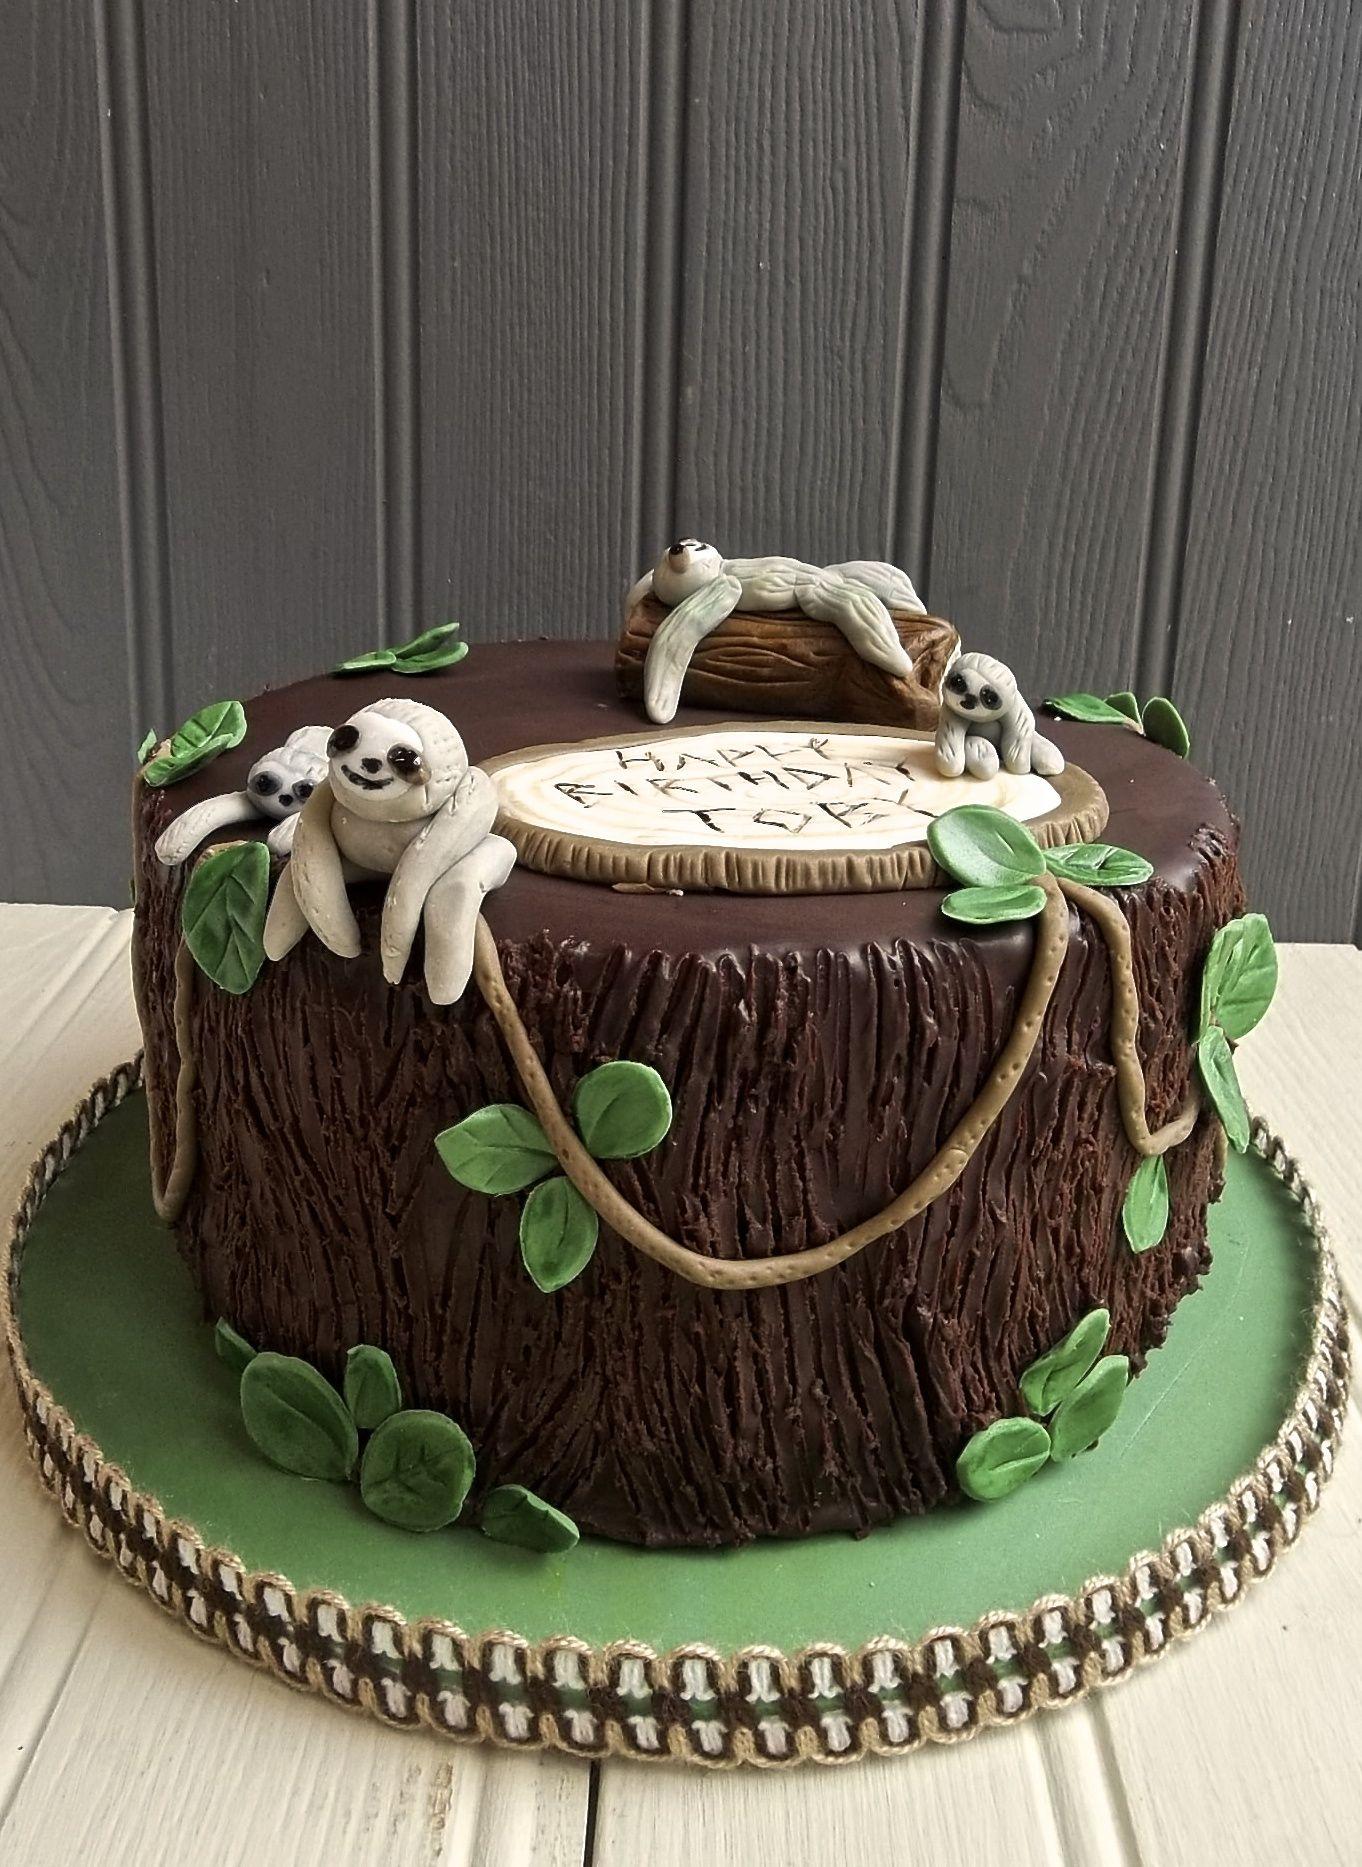 Sloth cake eat my cake london fooooooood